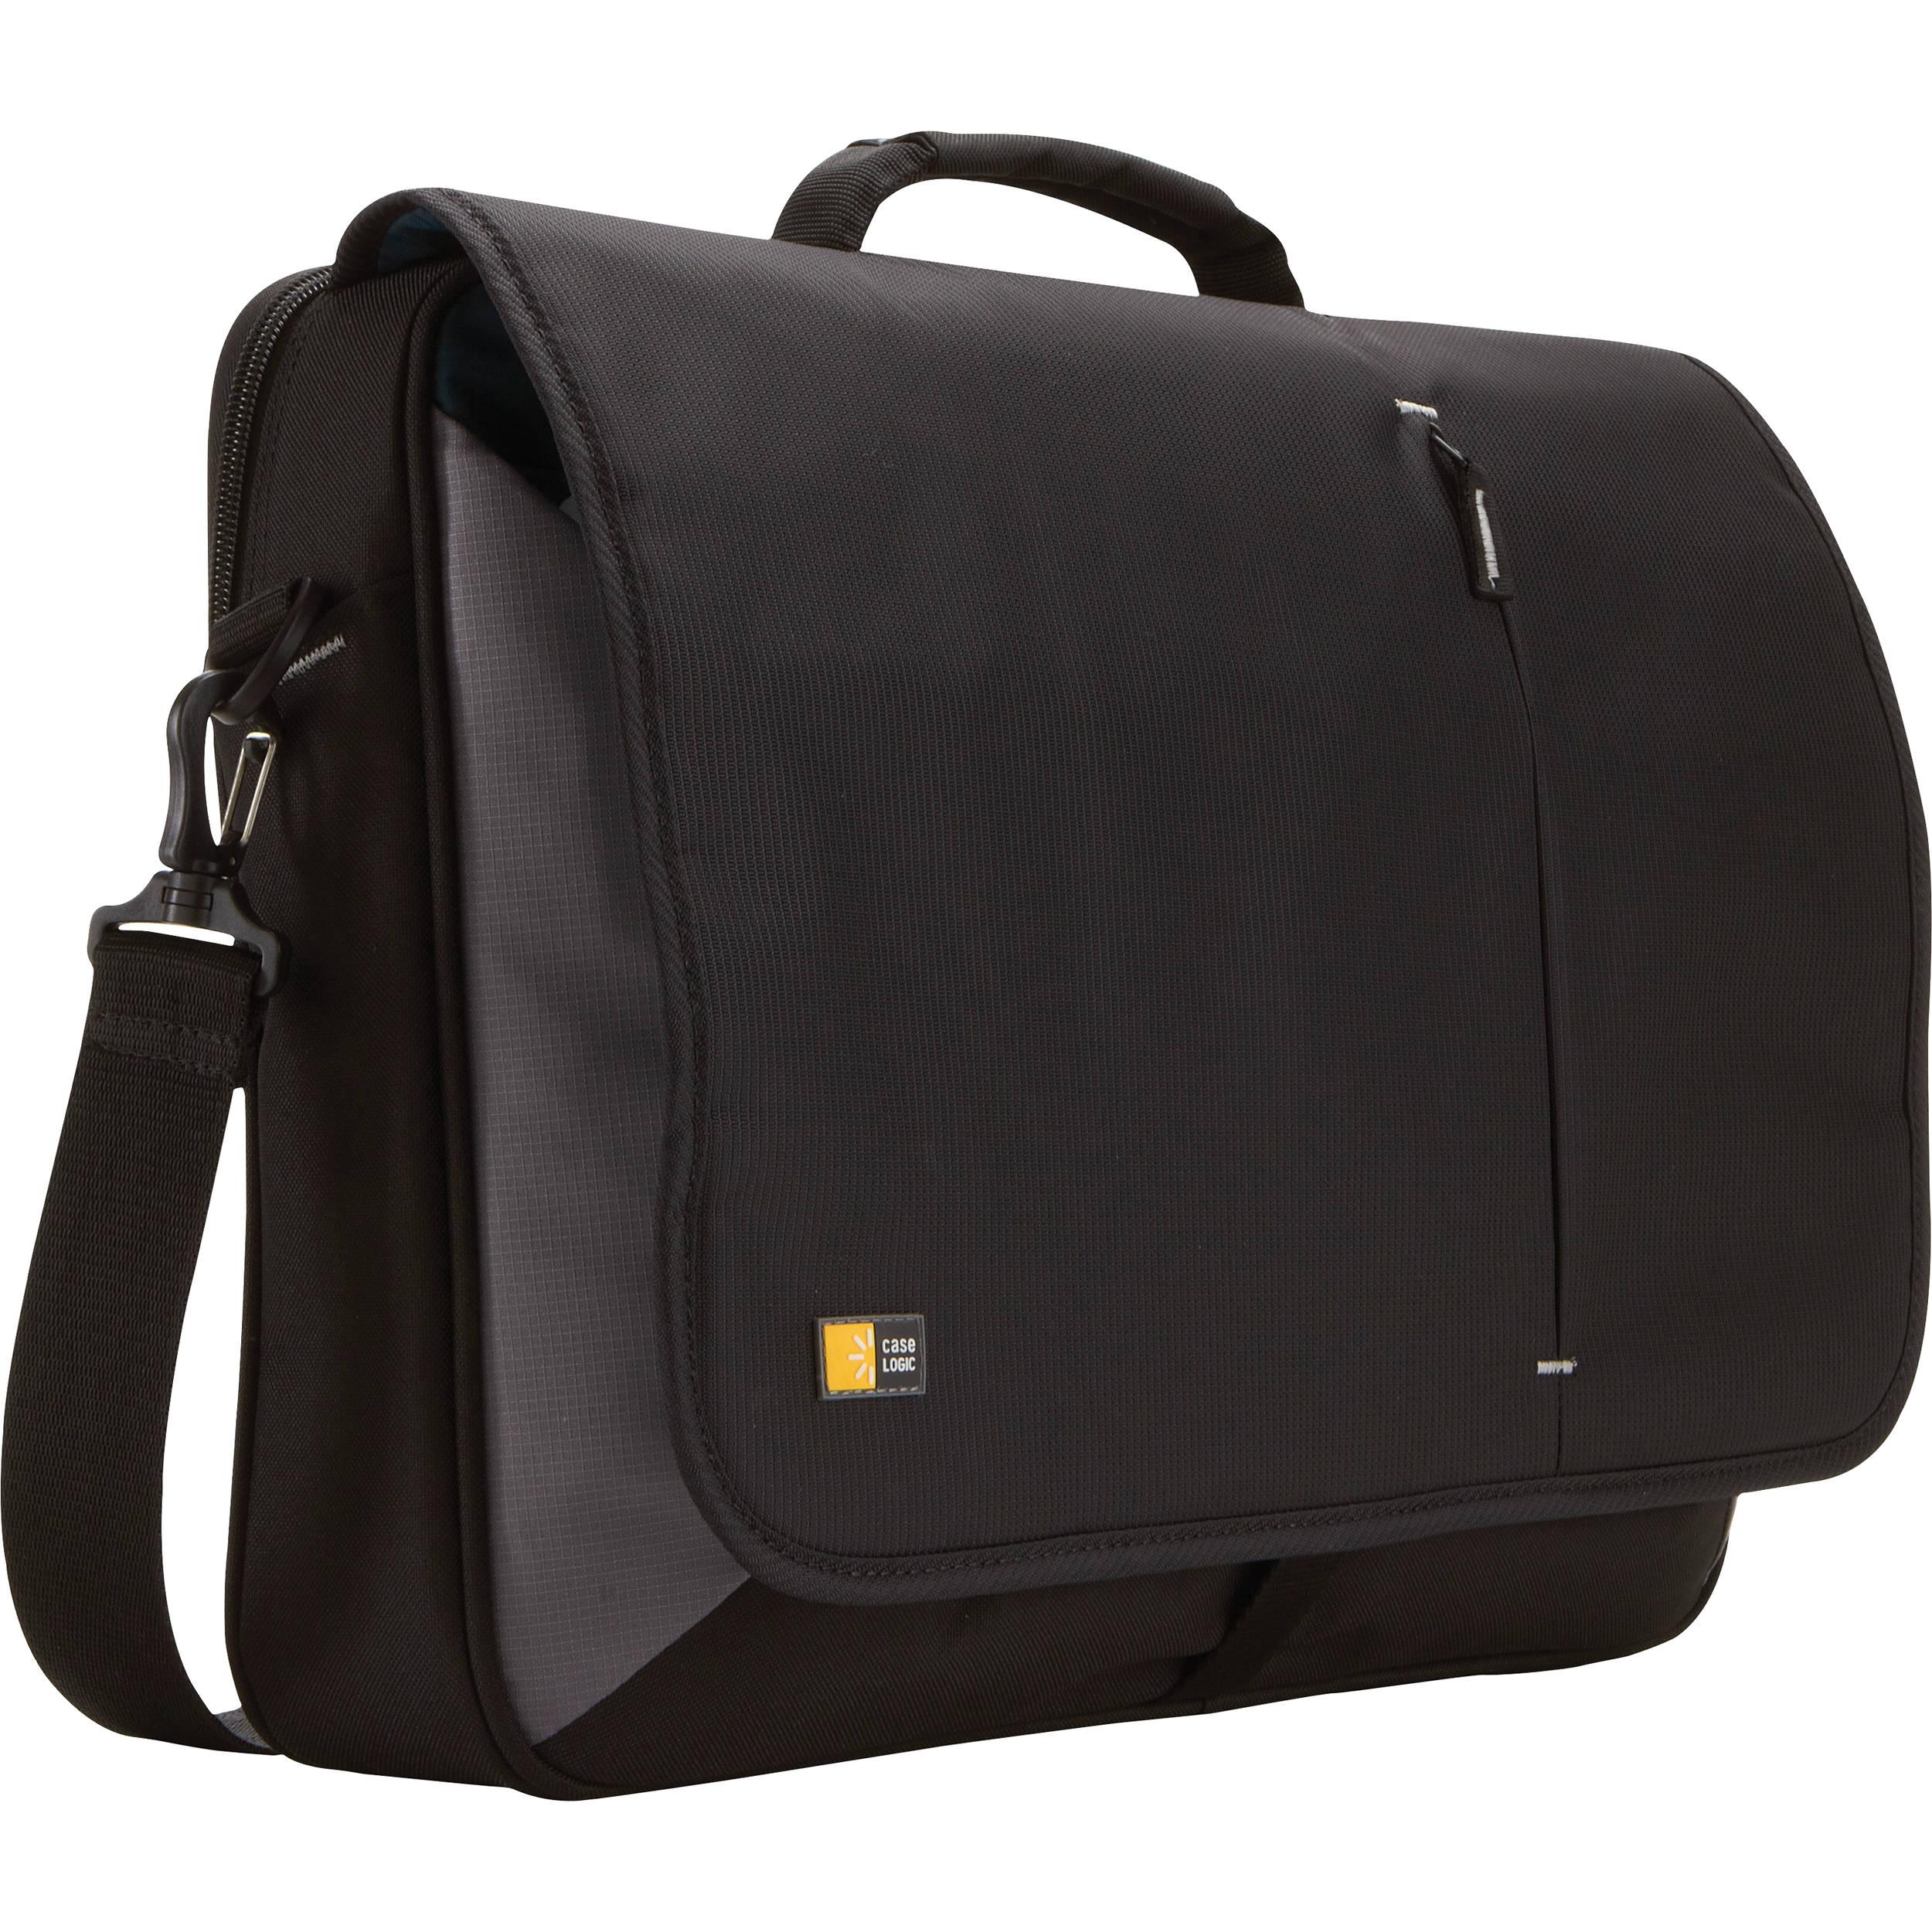 Case Logic 17 Quot Laptop Messenger Bag Vnm 217 B Amp H Photo